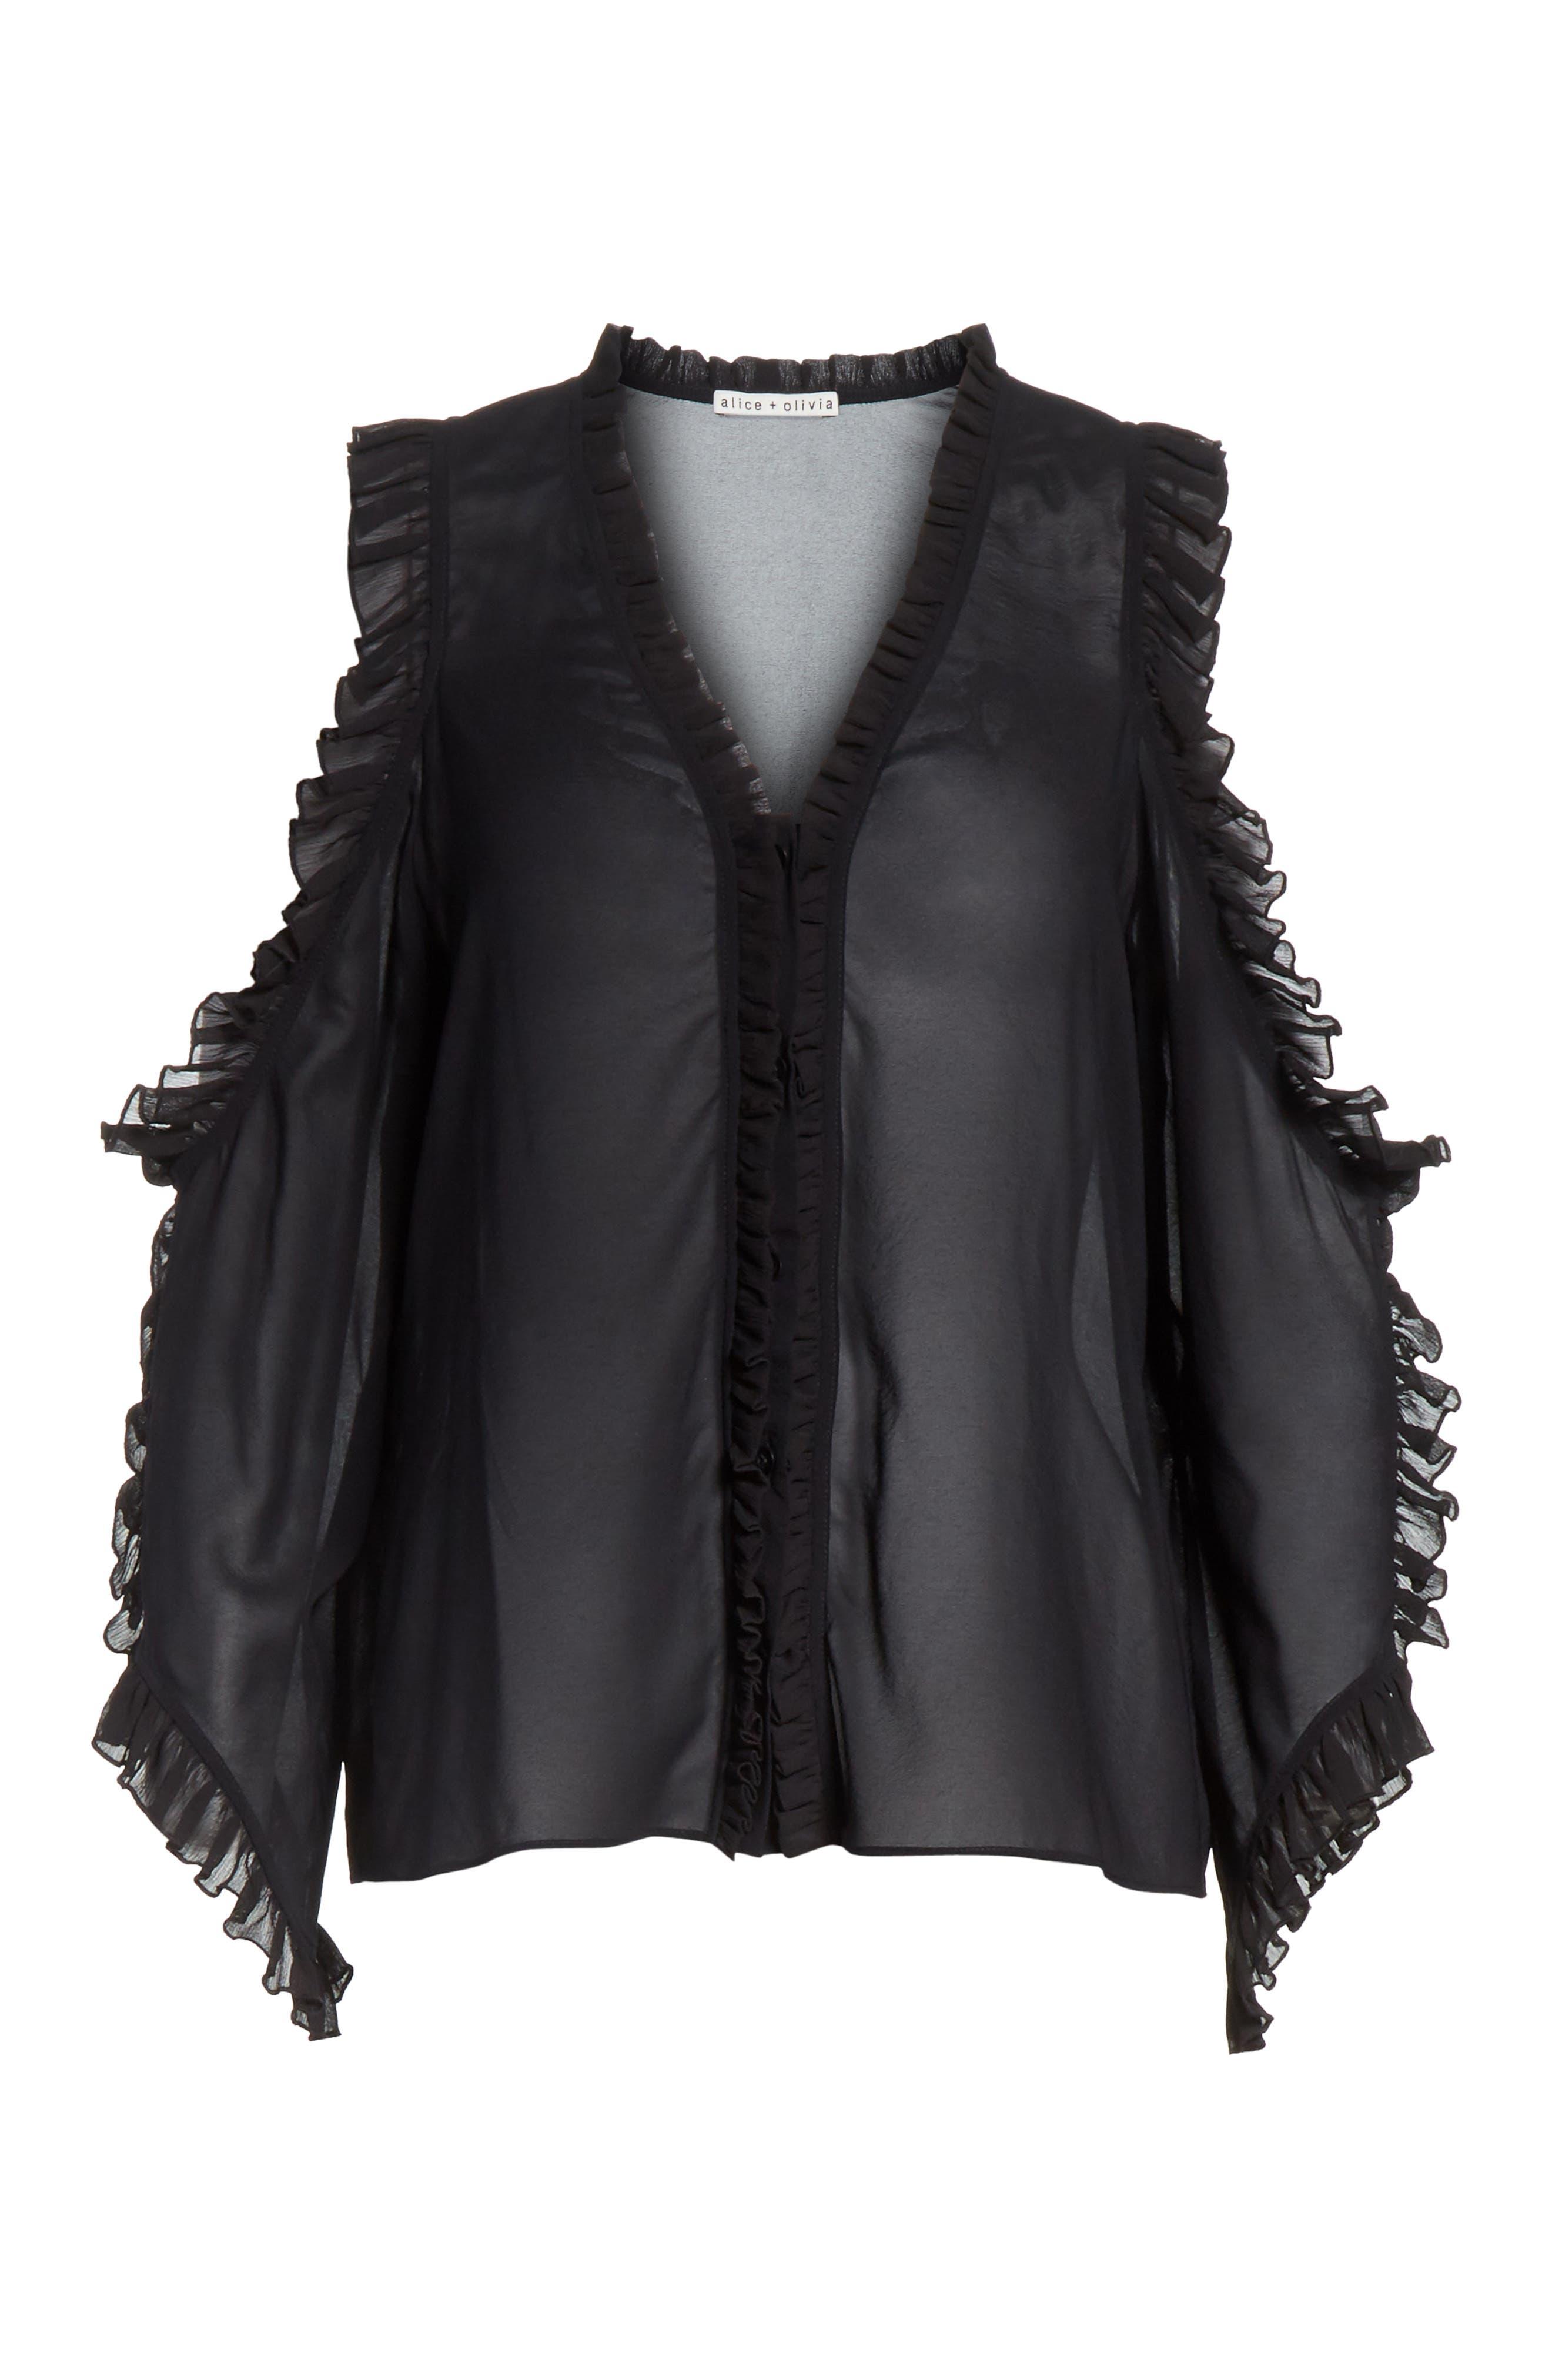 Claudette Cold Shoulder Blouse,                             Alternate thumbnail 6, color,                             Black